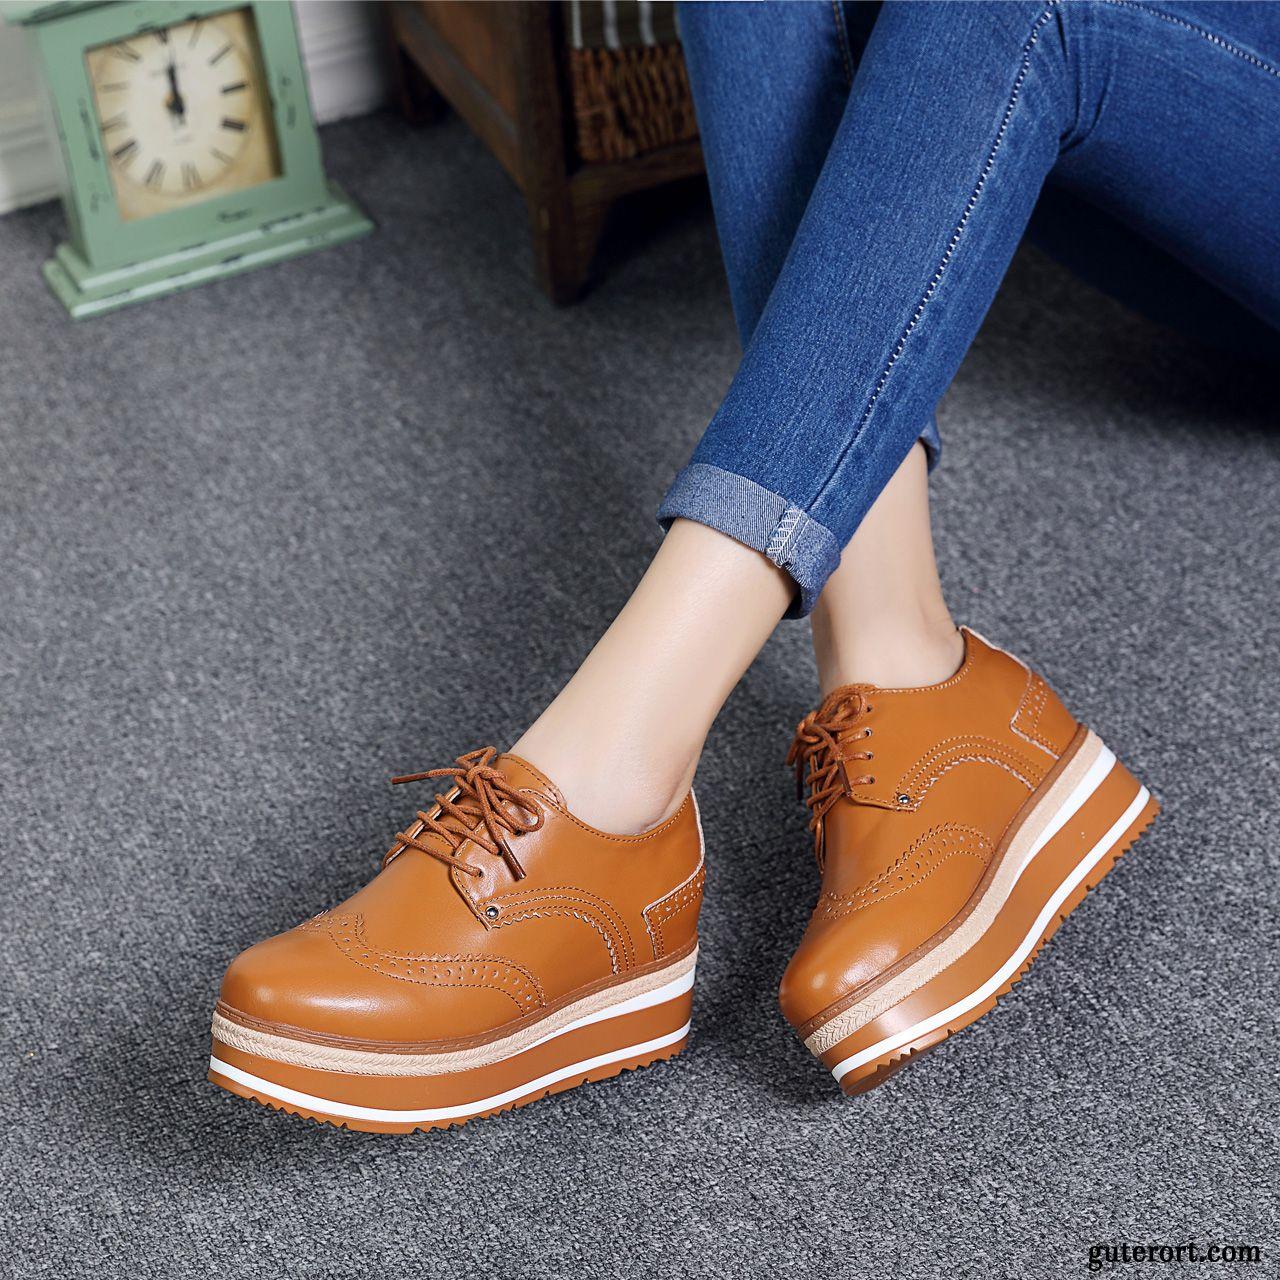 new style 73c87 6fa2f Italienische Schuhe Online Kaufen Billig, Schuhe Online ...